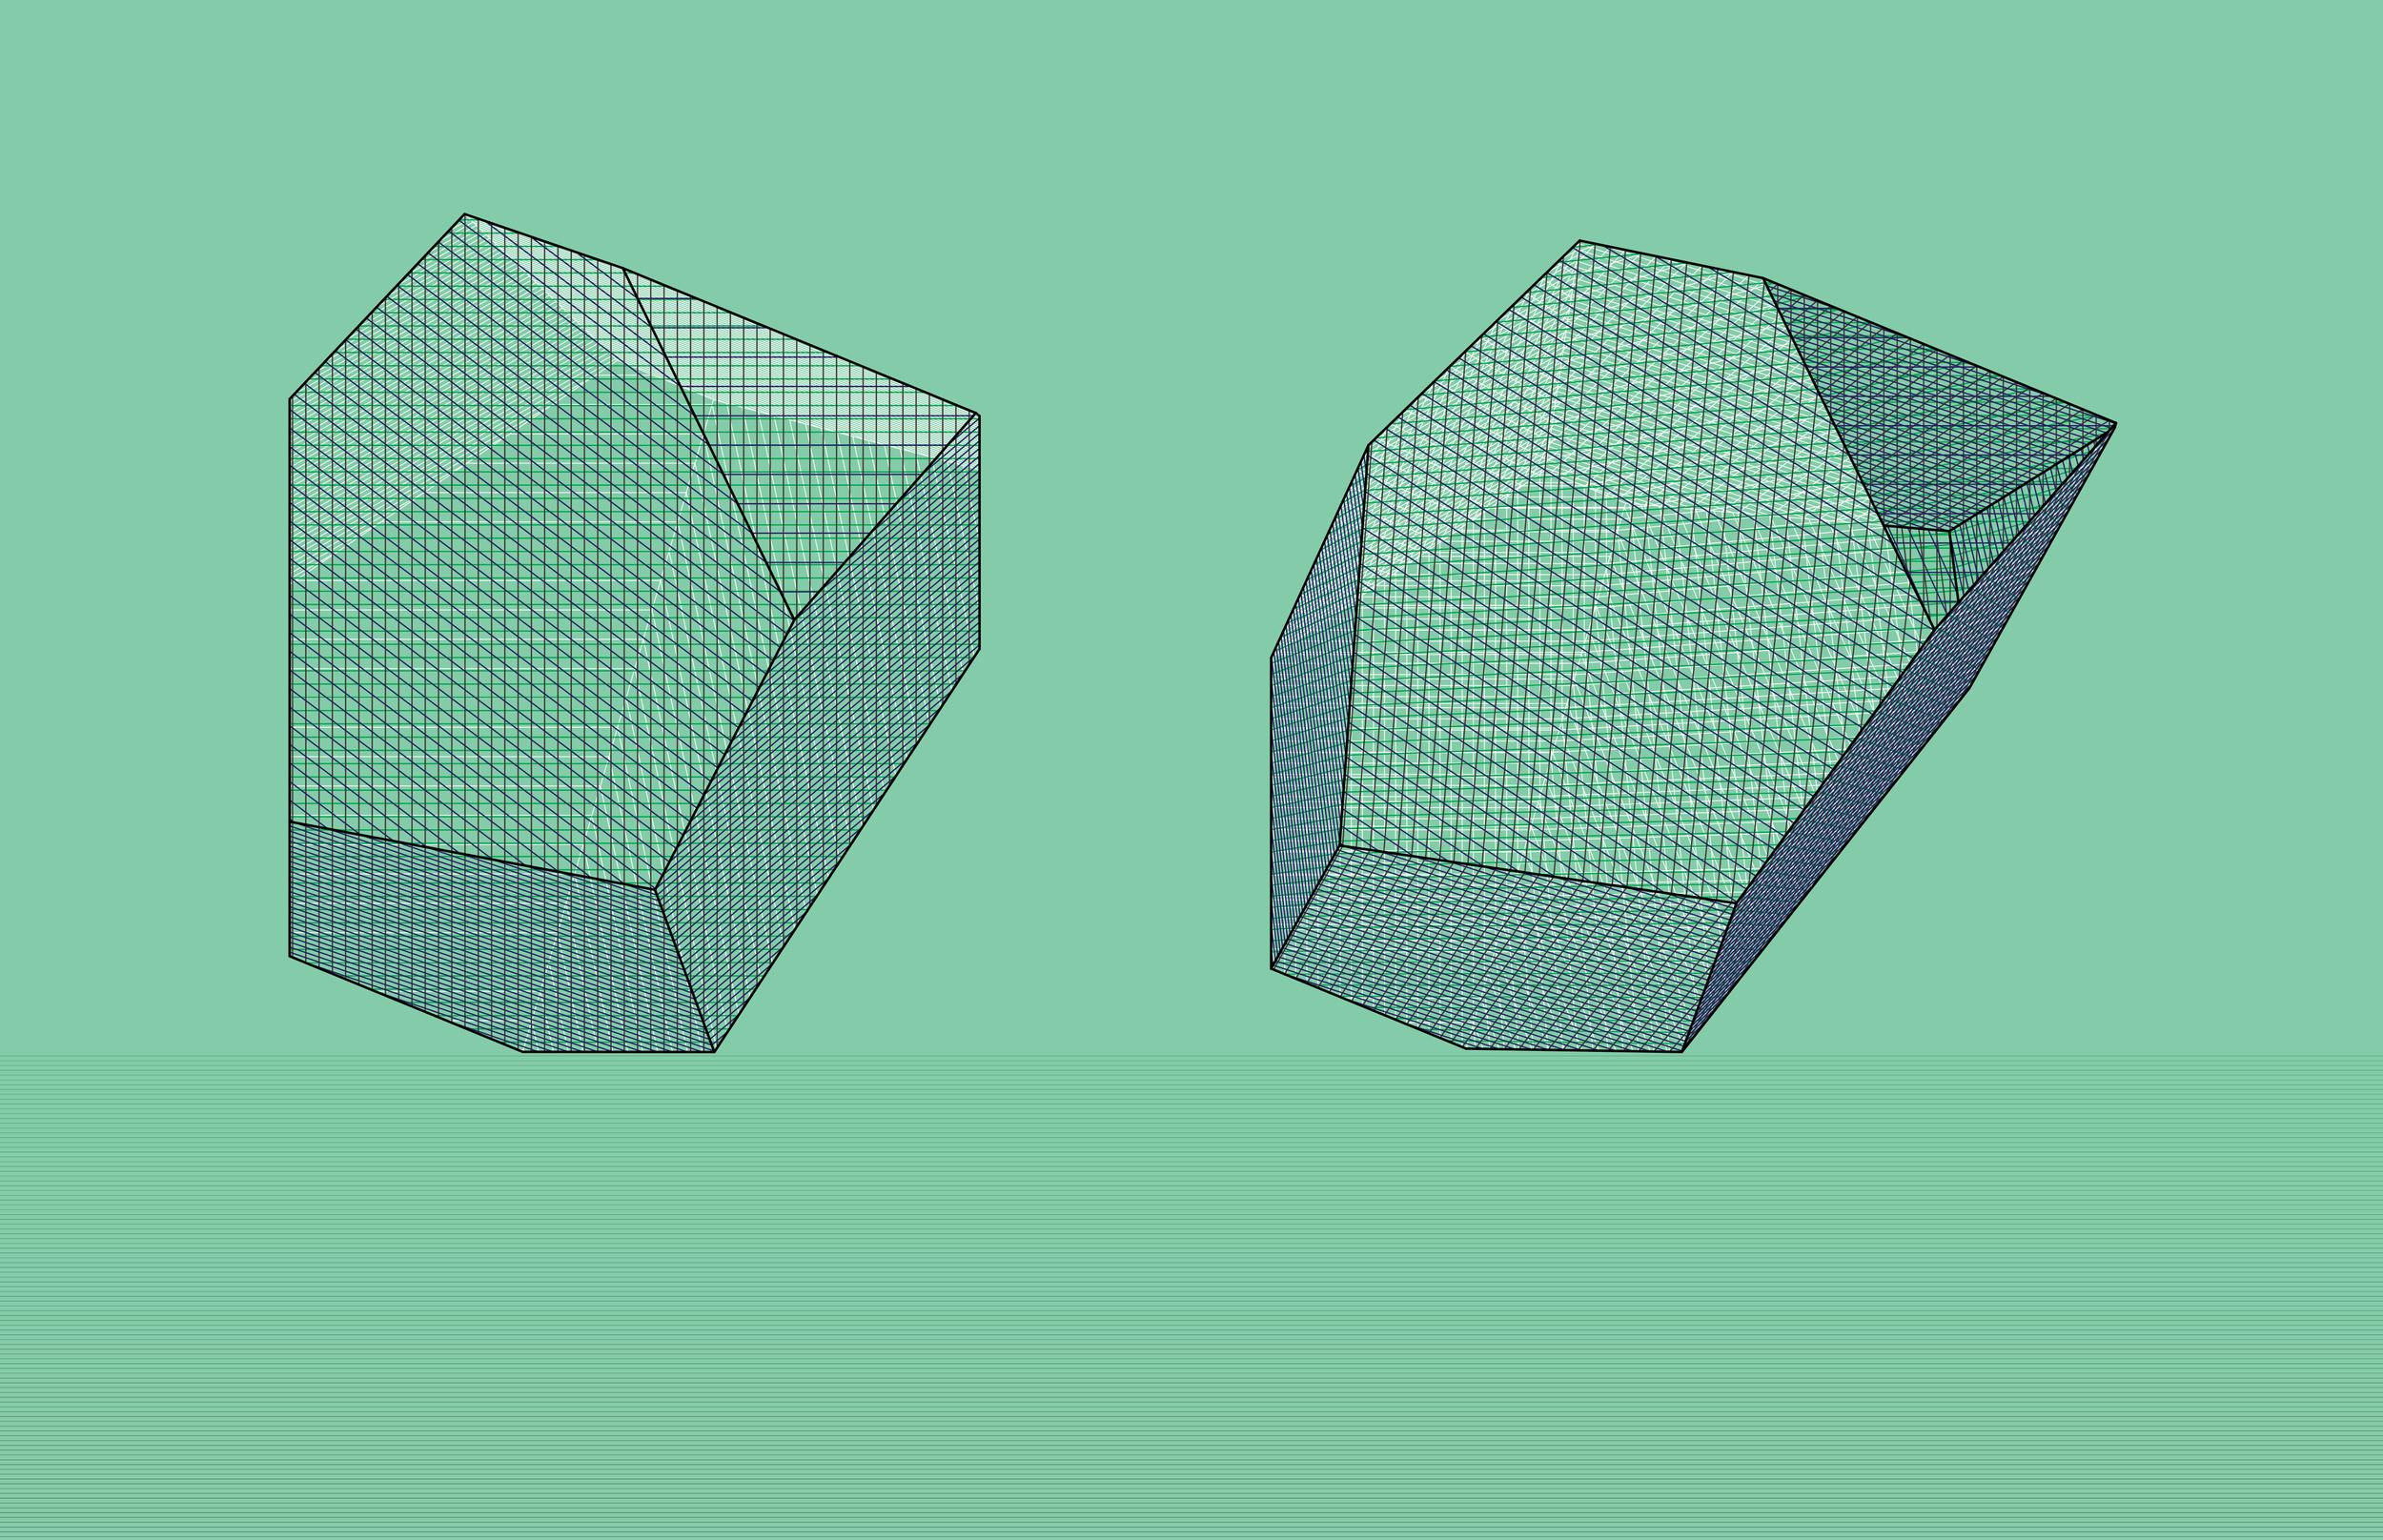 LA FORUM-Line Drawings_Mint-7.jpg